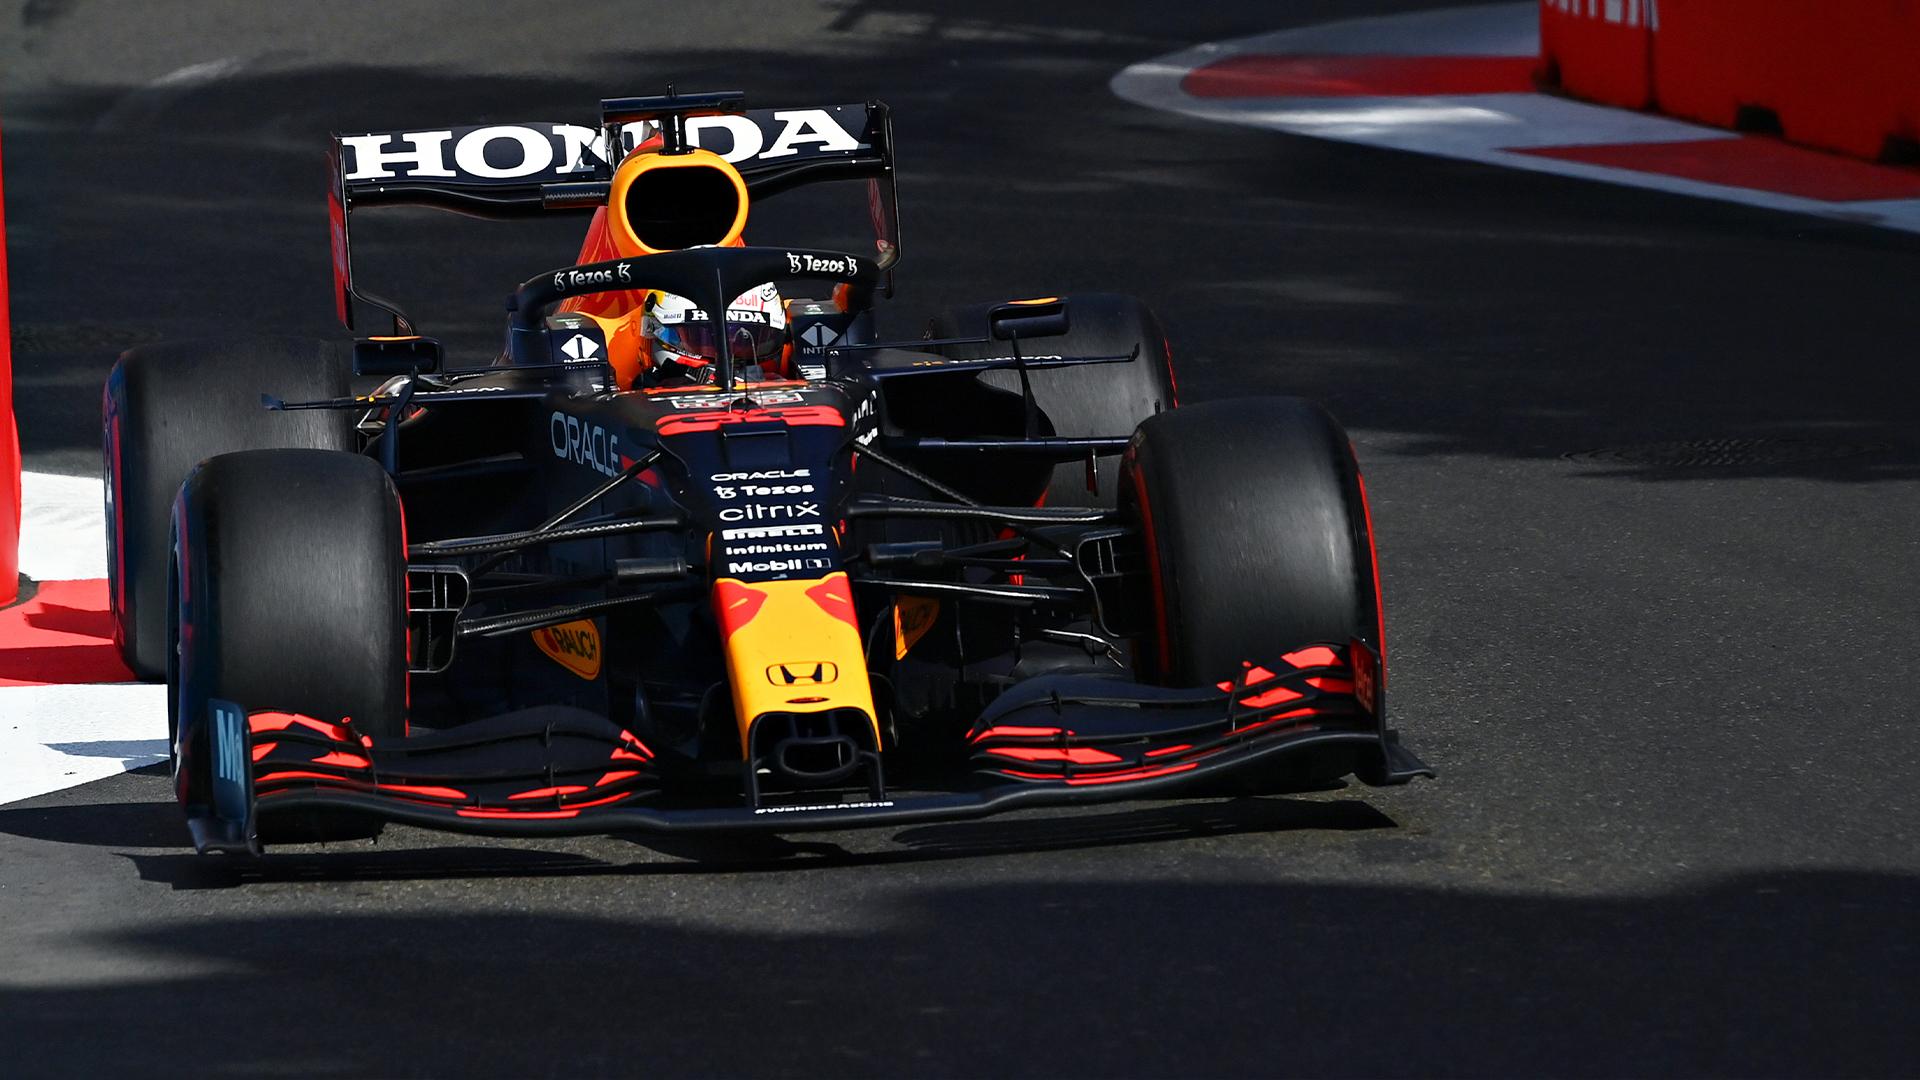 F1 - Les classements F1 2021 après le GP d'Azerbaïdjan (Bakou)